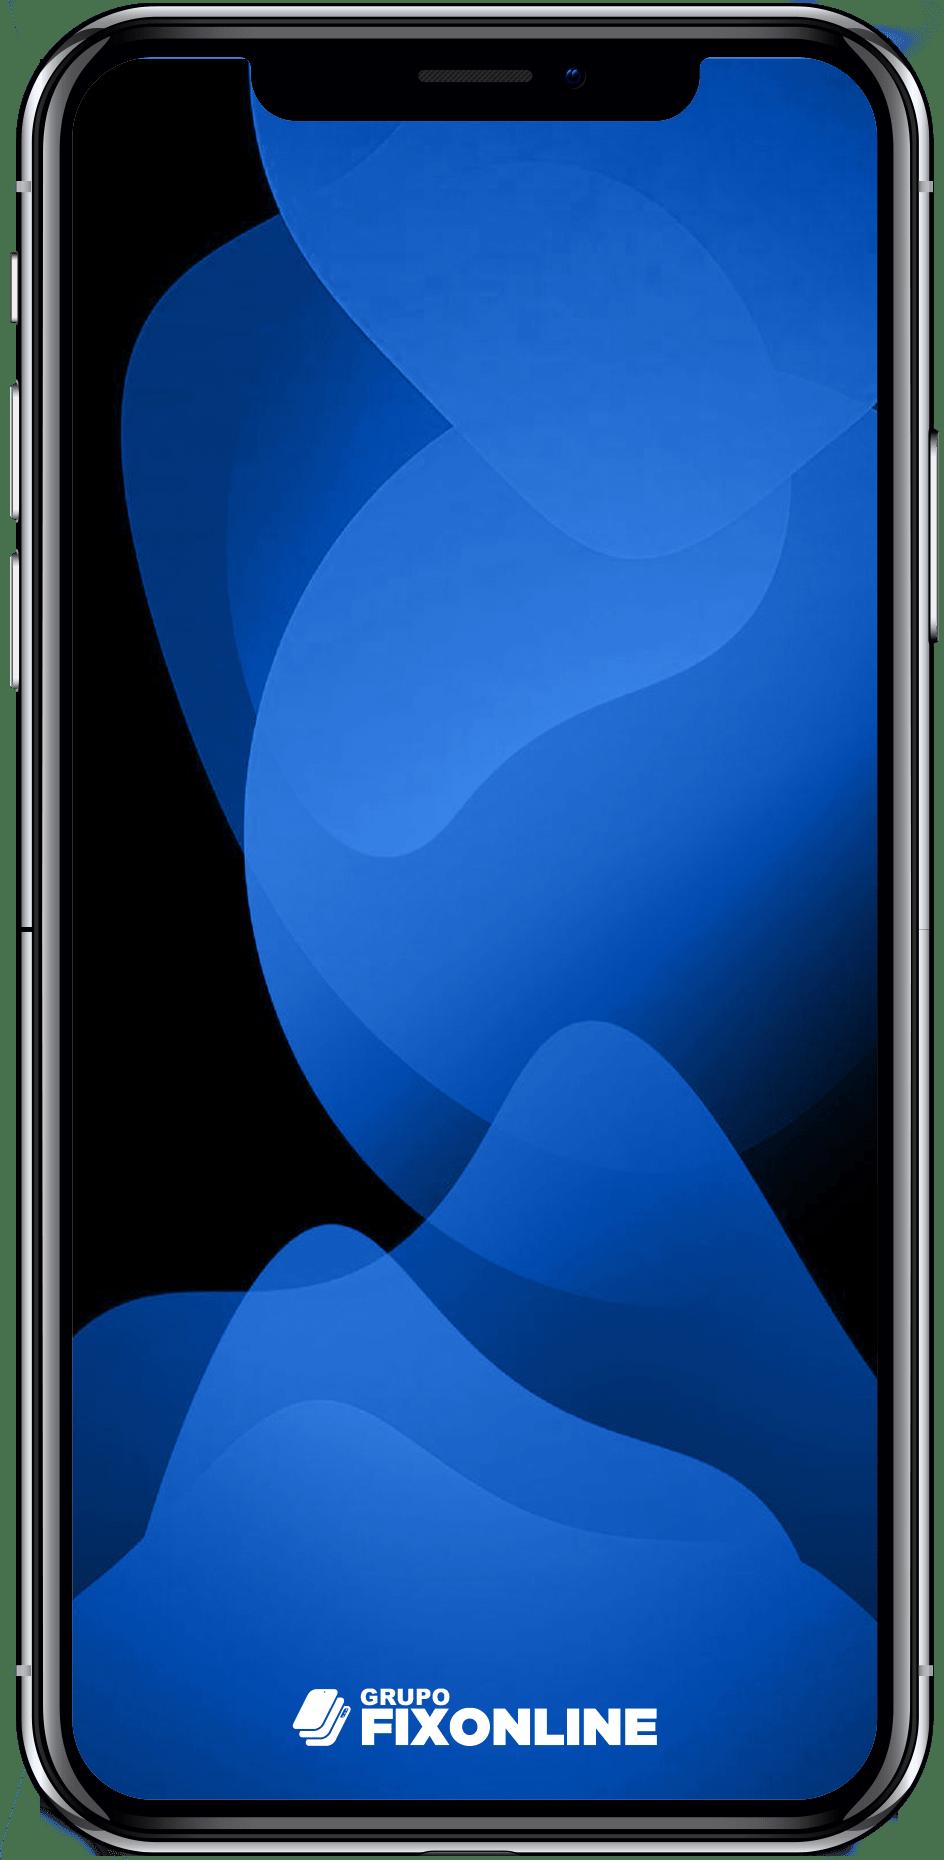 Troca de Vidro Iphone 11 Pro A FixOnline é especialista em TROCA DE VIDRO. Mas, você sabe diferenciar a TROCA DE VIDRO da TROCA DE TELA? A Fix te explica! :) A troca de vidro do Iphone 11 Pro consiste em removermos apenas a camada de vidro que fica acima do LCD. O LCD é o responsável por fornecer a imagem, cores e toque (touch). Portanto, o vidro tem função apenas estética e de proteção do LCD. Sendo assim, para que possamos trocar apenas o vidro, é importante que a tela esteja totalmente operacional, acendendo, com touch respondendo e sem manchas. Exceções: Pequenas manchas que não interferem na utilização permitem que o processo seja realizado.  Já os casos de TROCA DE TELA DO IPHONE 11 Pro ocorrem quando o LCD (imagem ou touch) foram afetados, causando grandes manchas ou impossibilidade de funcionamento do toque.  Agora que você já sabe a diferença entre TROCA DE VIDRO DO IPHONE 11 Pro e TROCA DE TELA, confira os benefícios de realizar o serviço com a FixOnline.